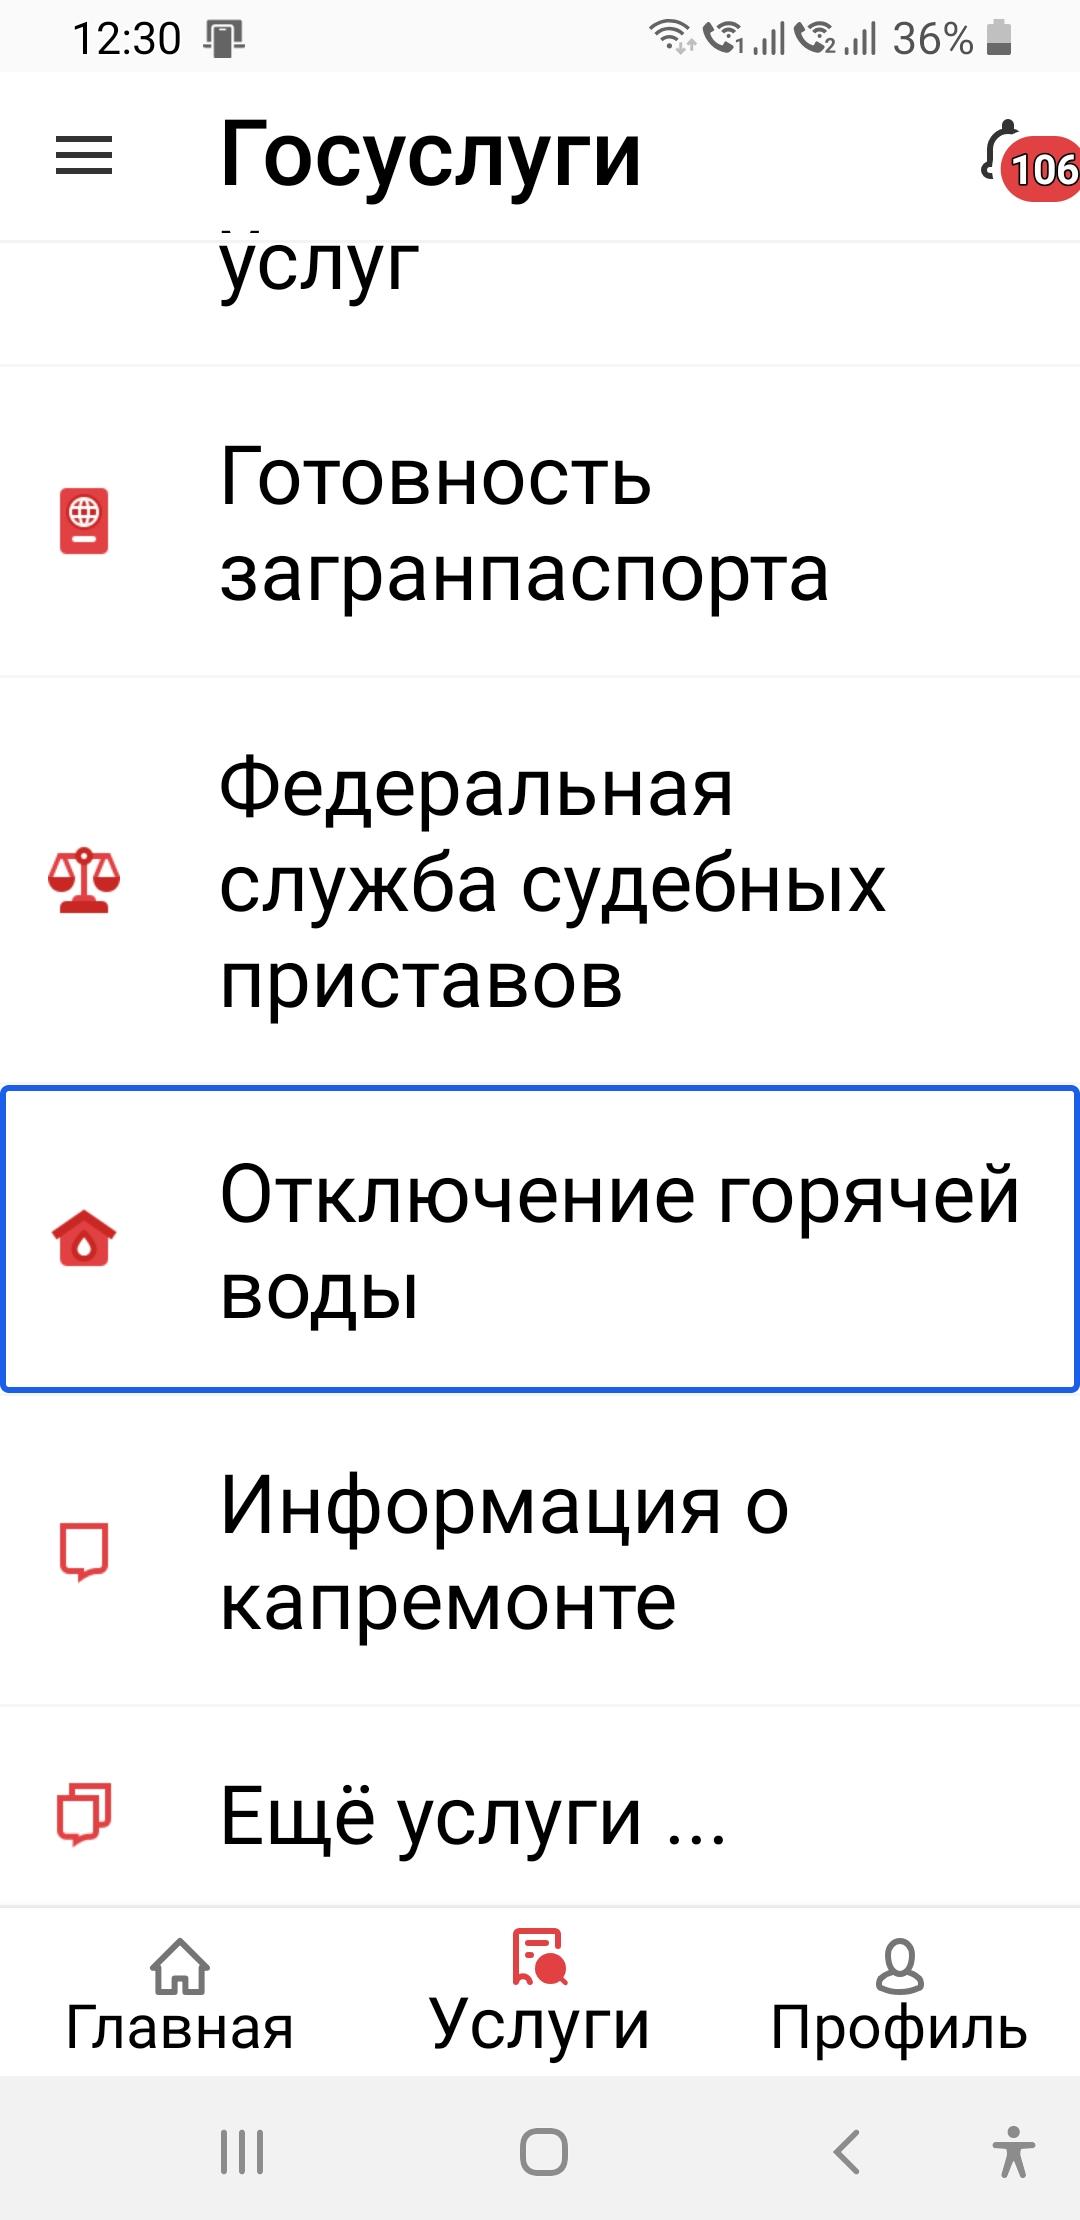 гос.мос_13_отключение горячей воды